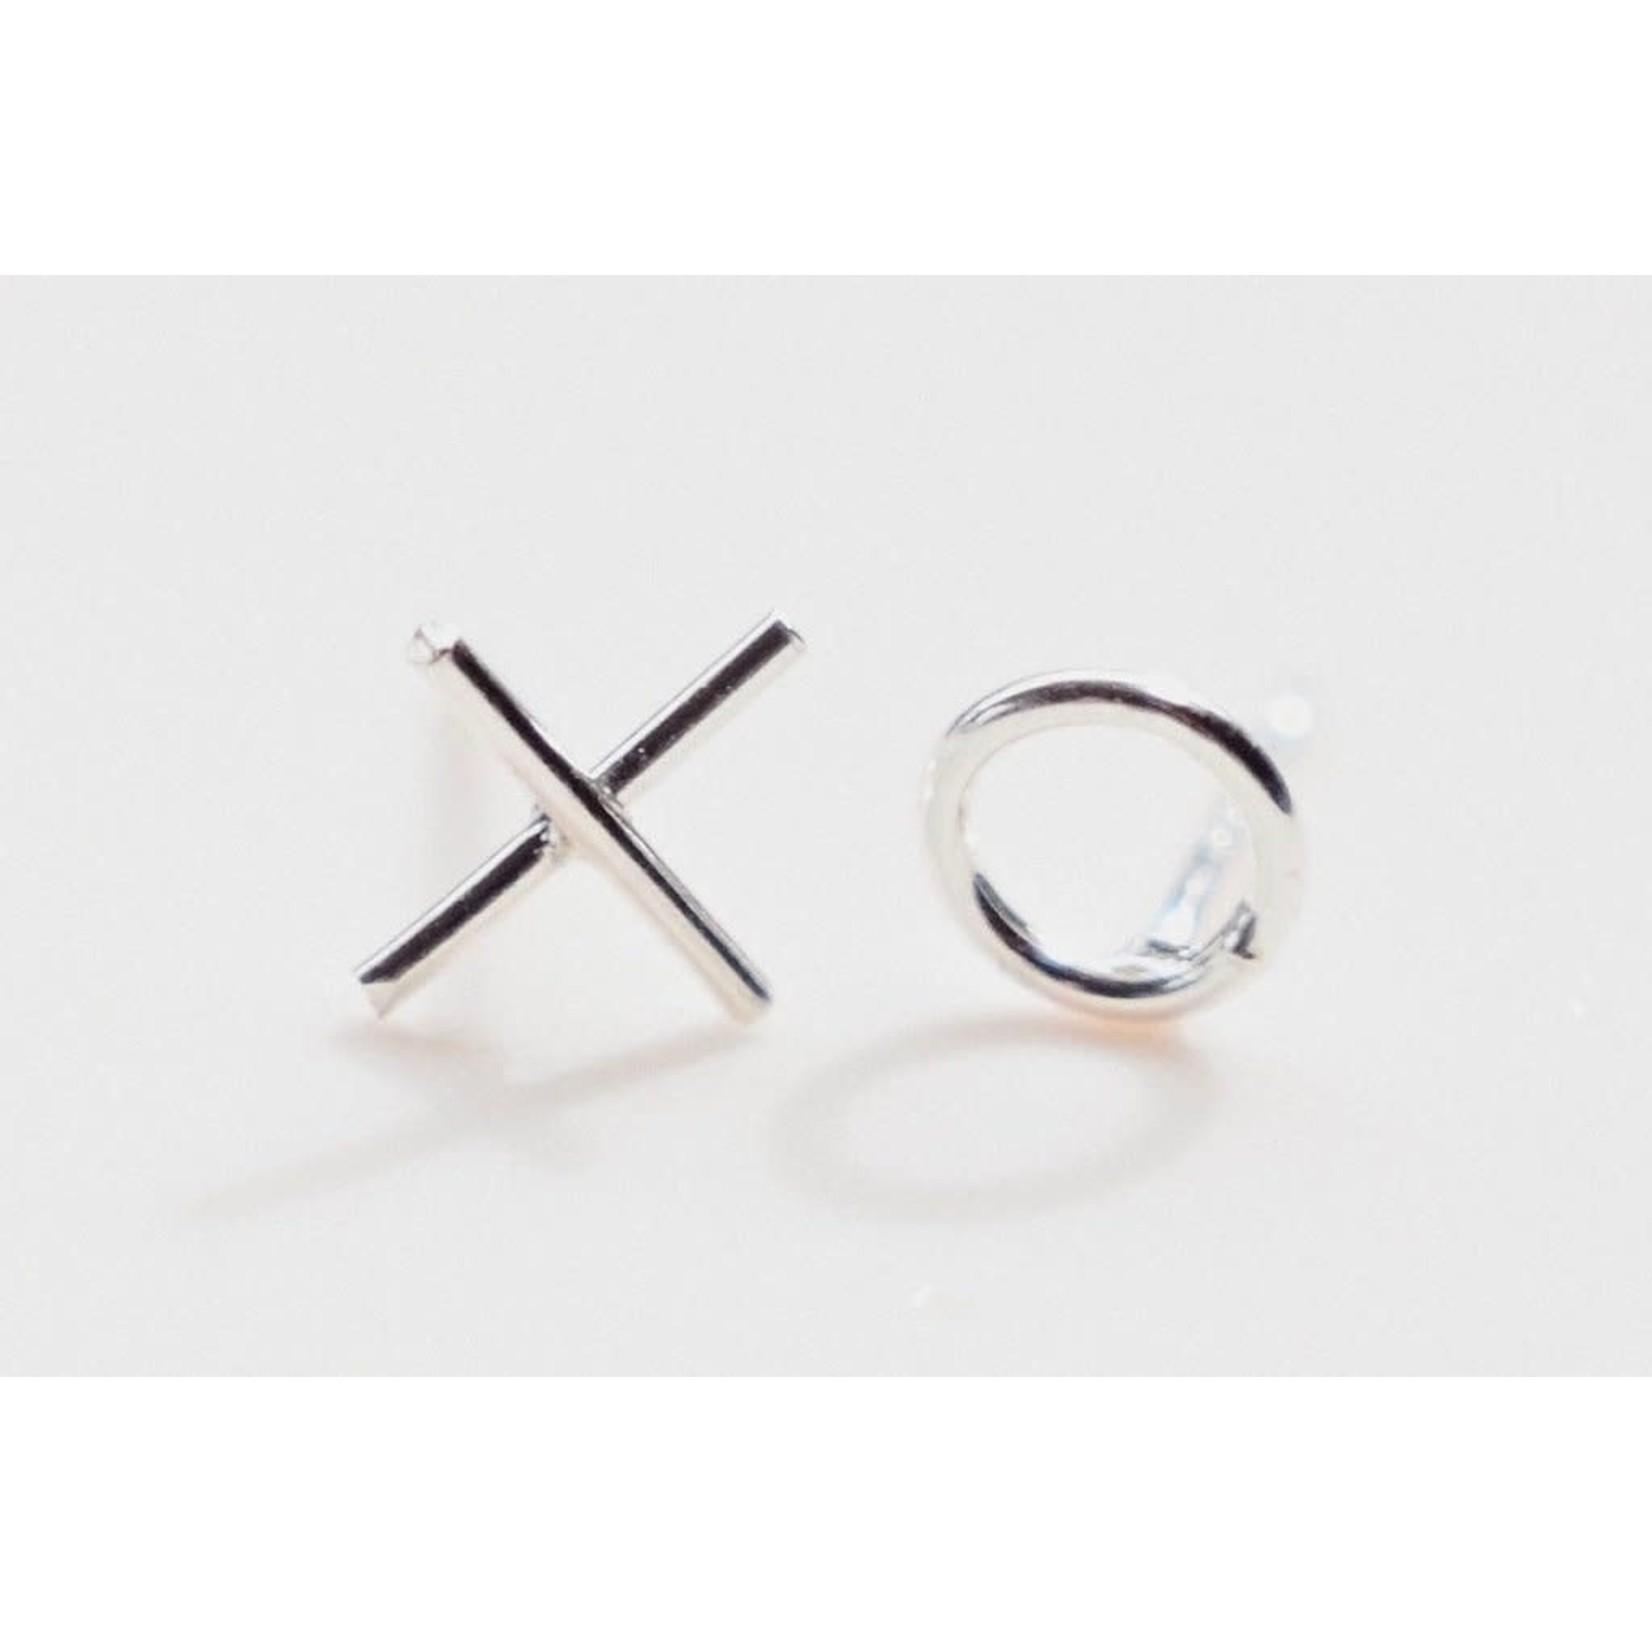 XO Earrings